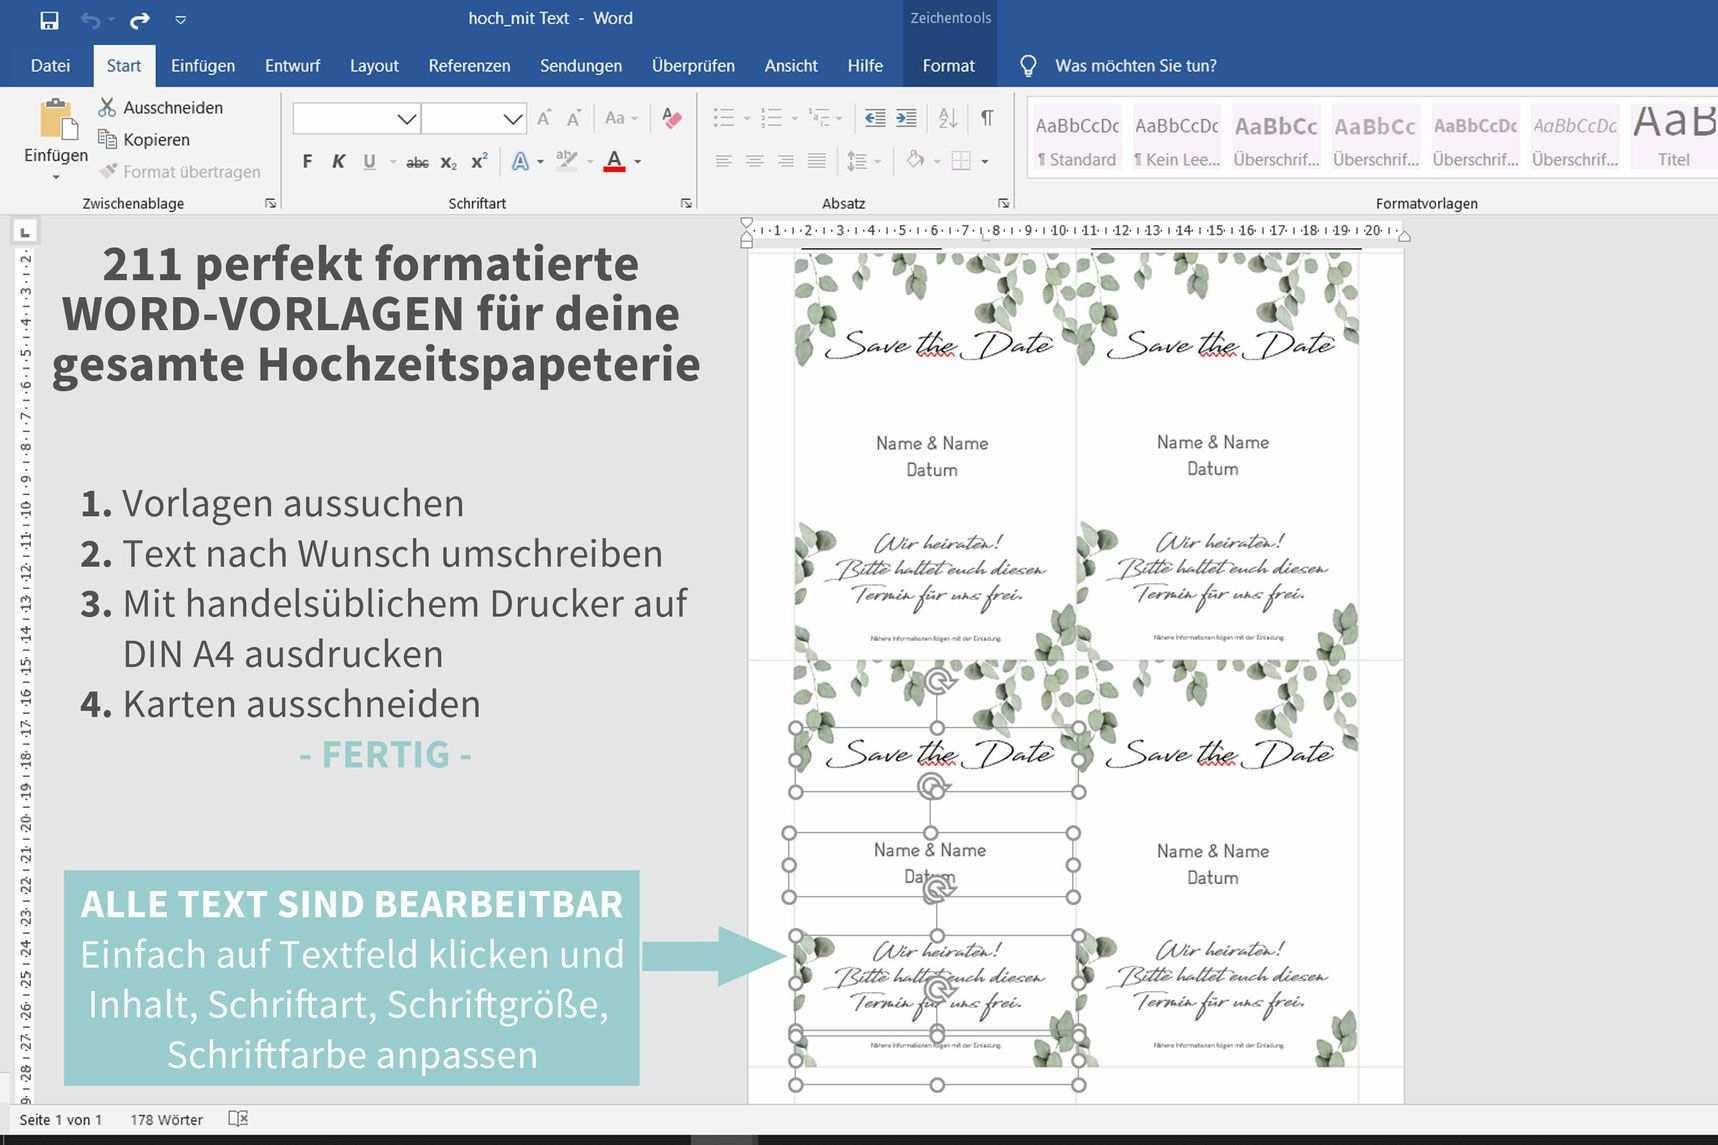 Eukalyptus 211 Word Vorlagen Zum Ausdrucken Einladungskarten Hochzeit Selbst Gestalten Tischdeko Hochzeit Selber Machen Diy Hochzeit Planen